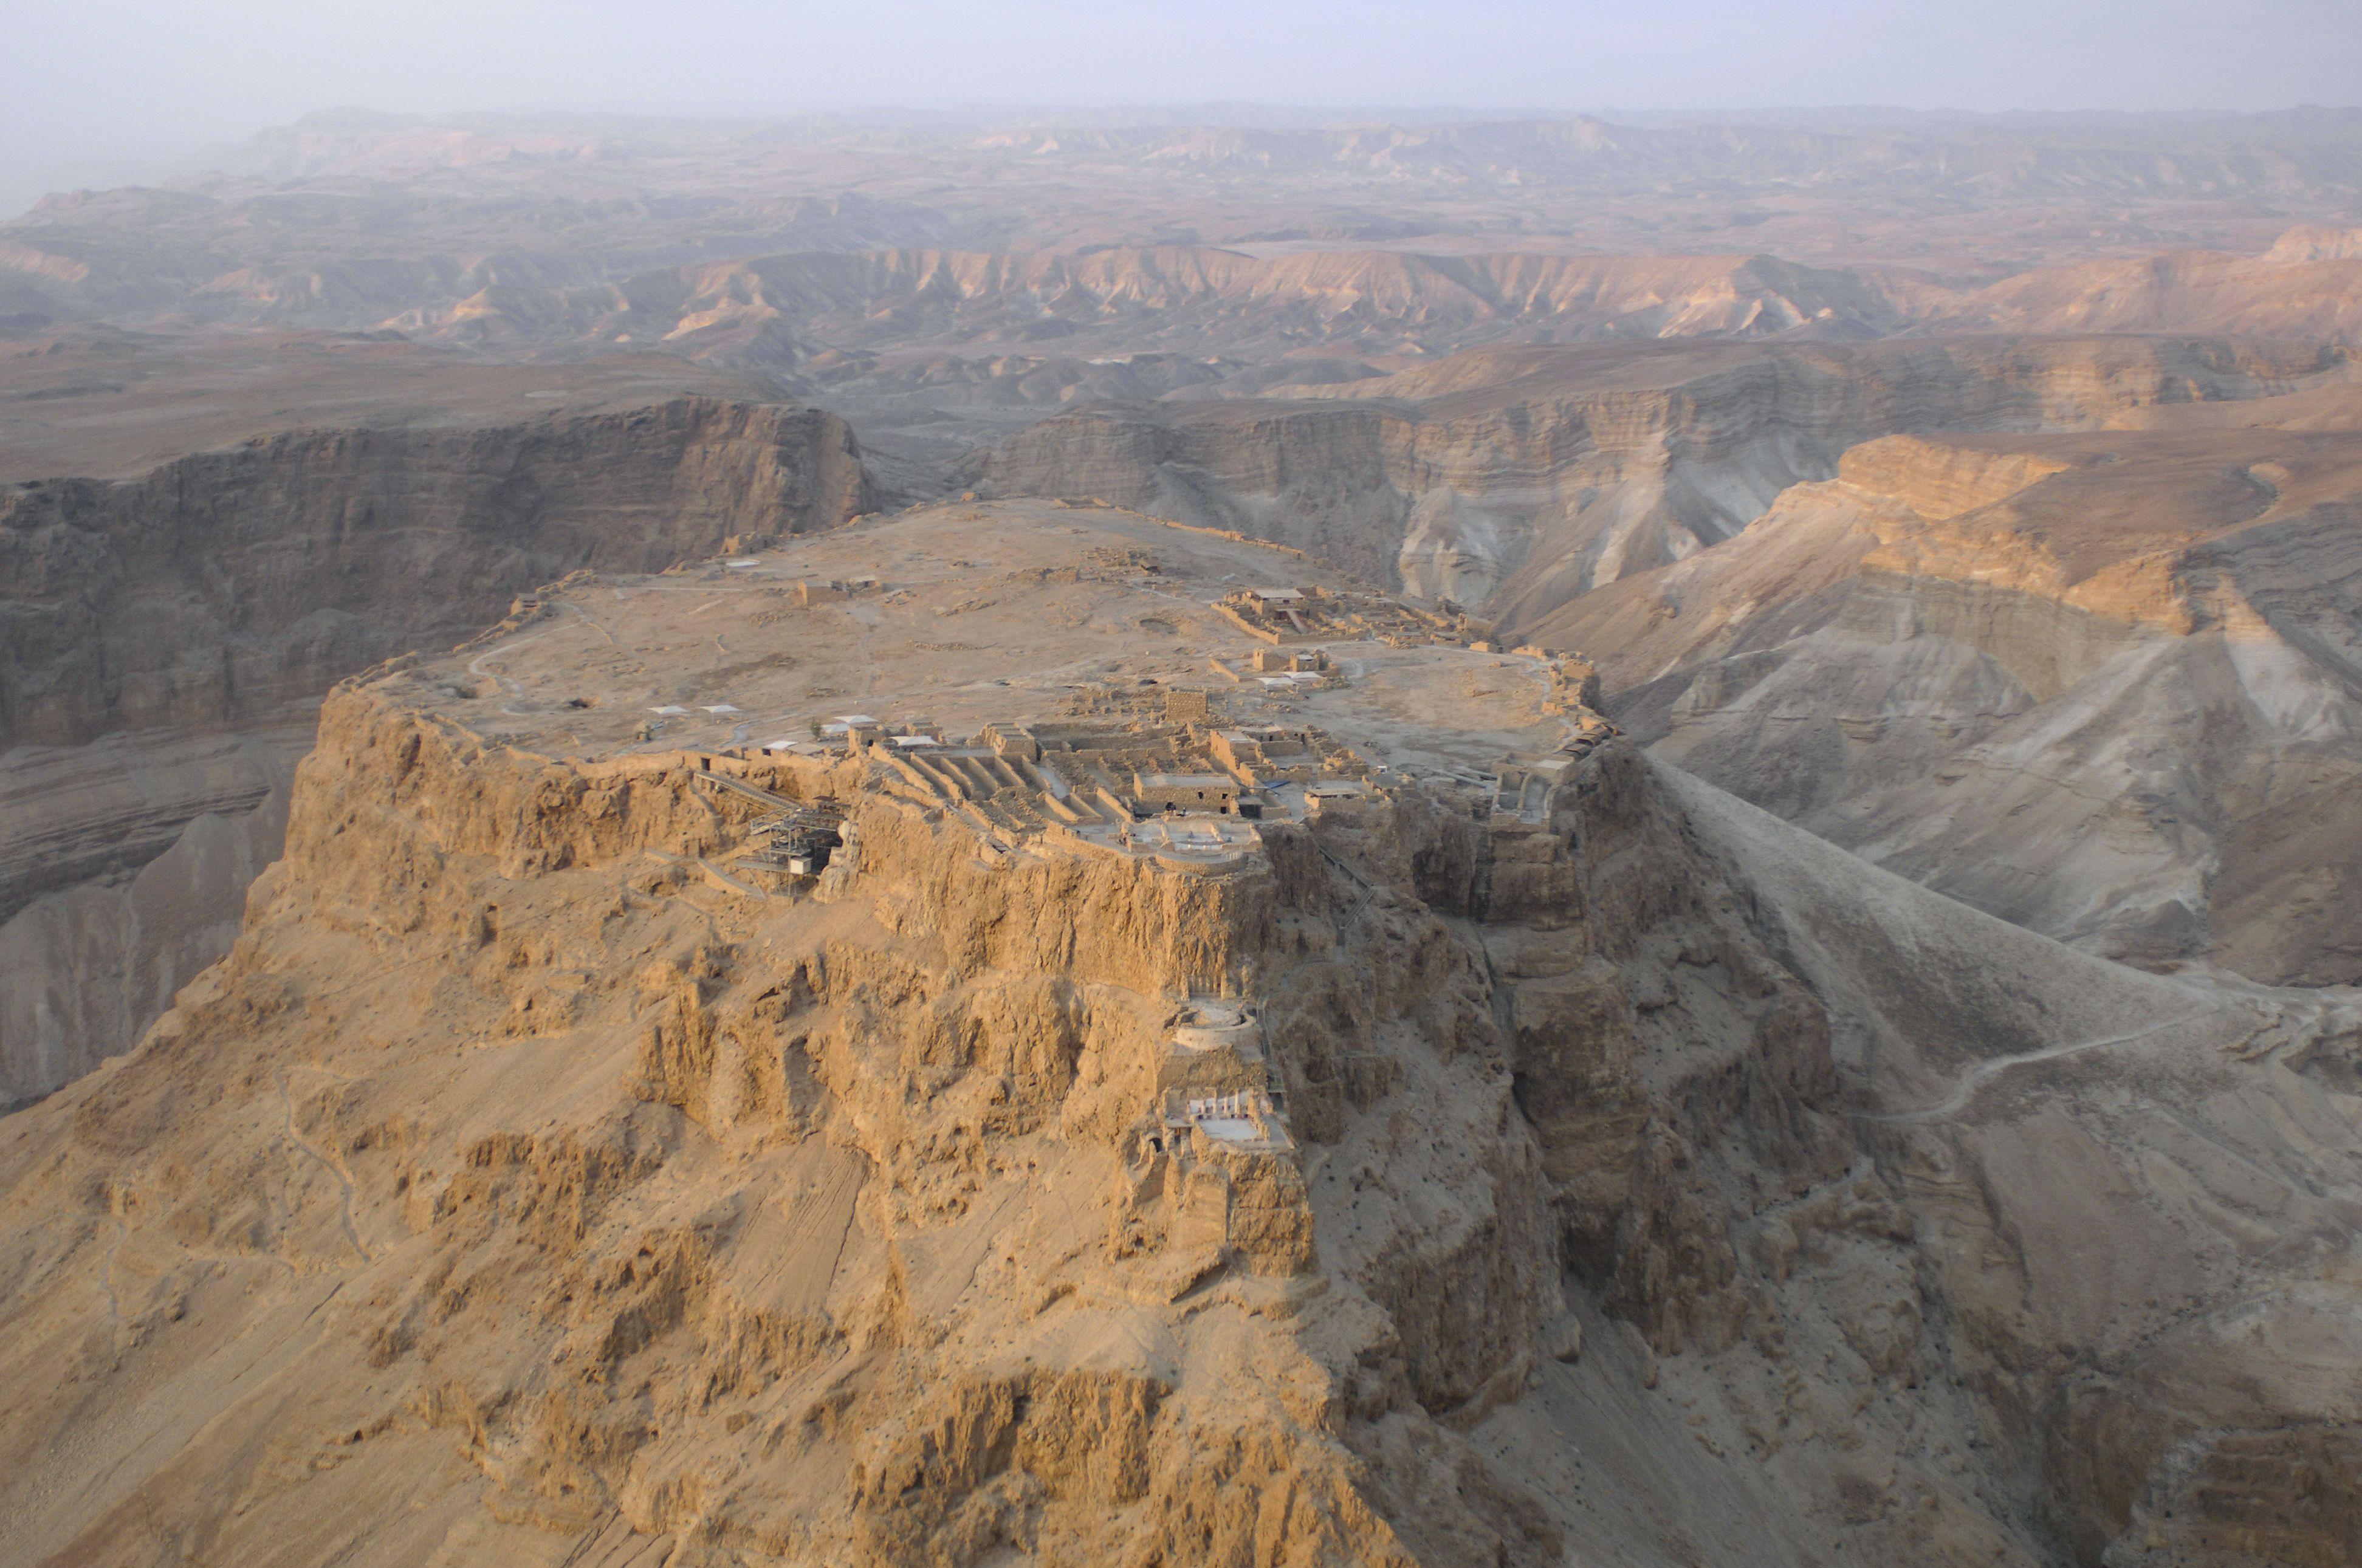 Aerial_view_of_Masada_min